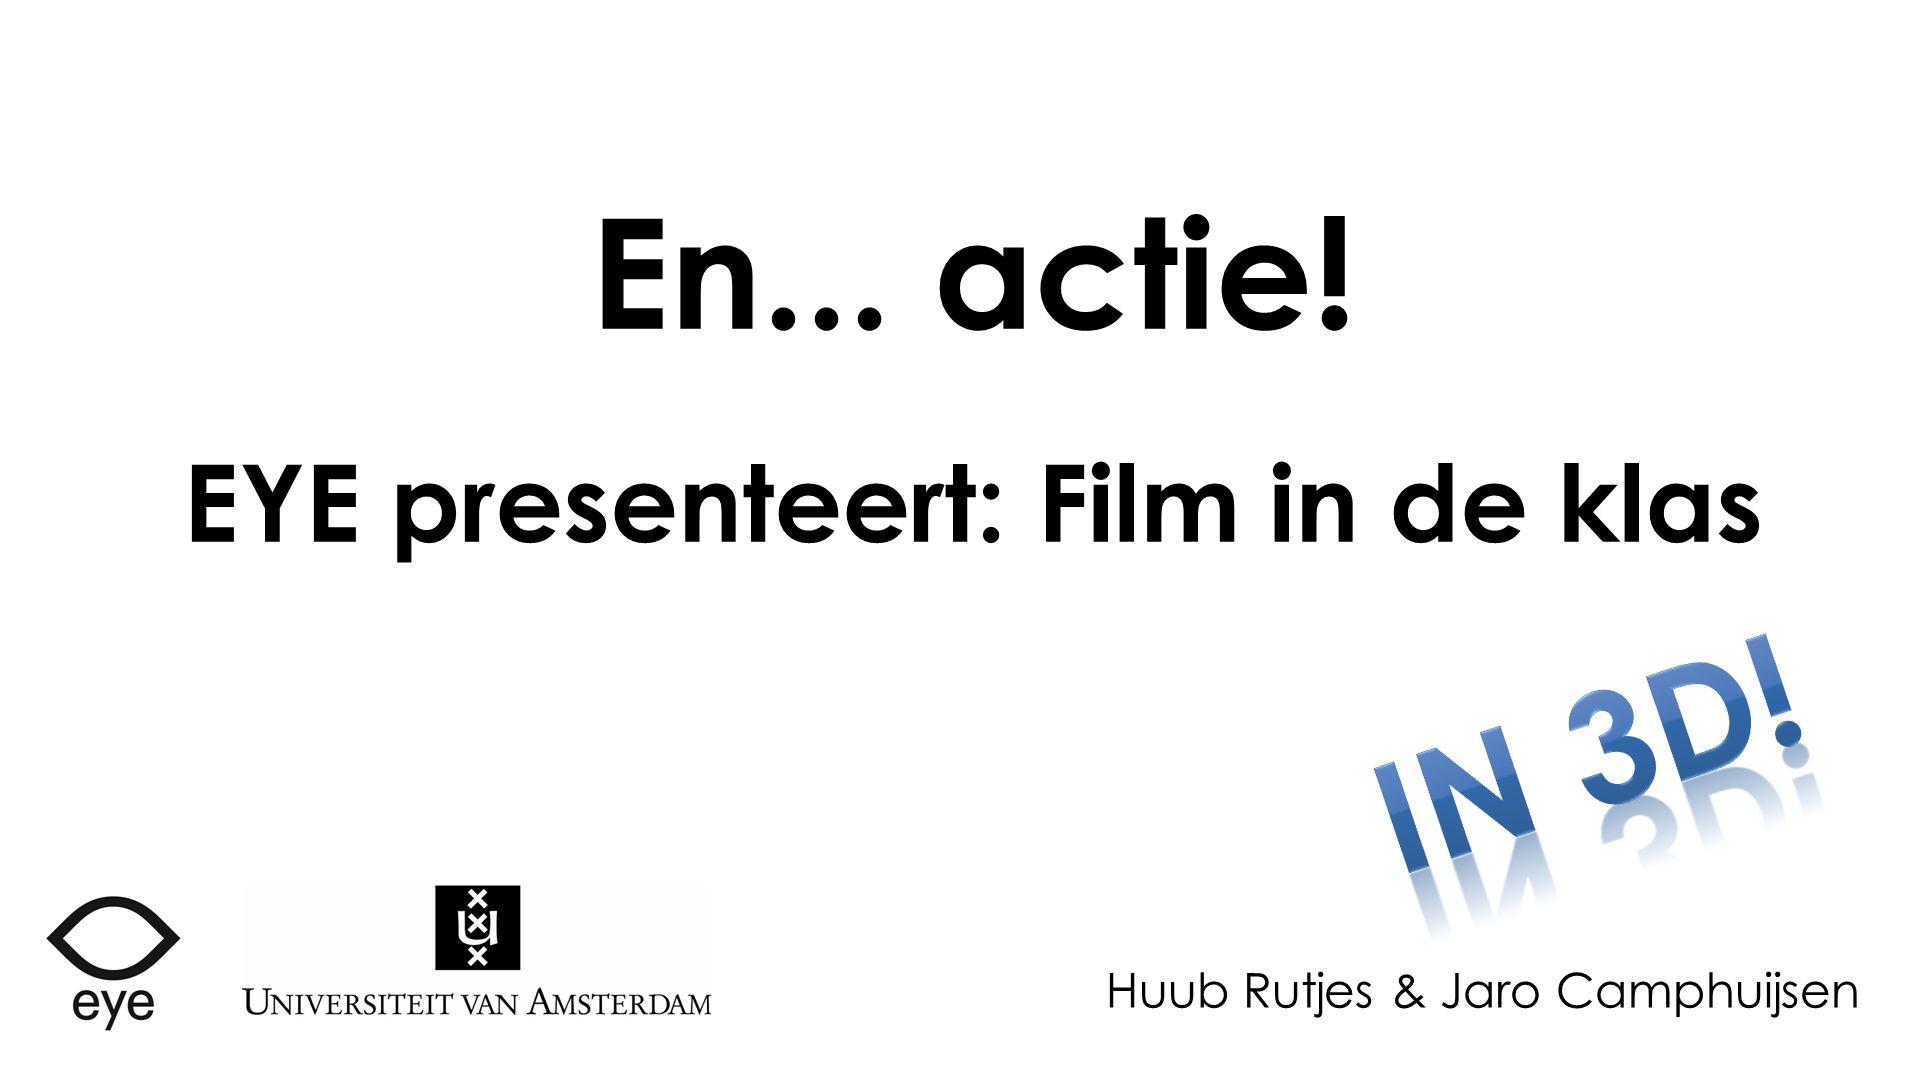 EYE presenteert: Film in de klas